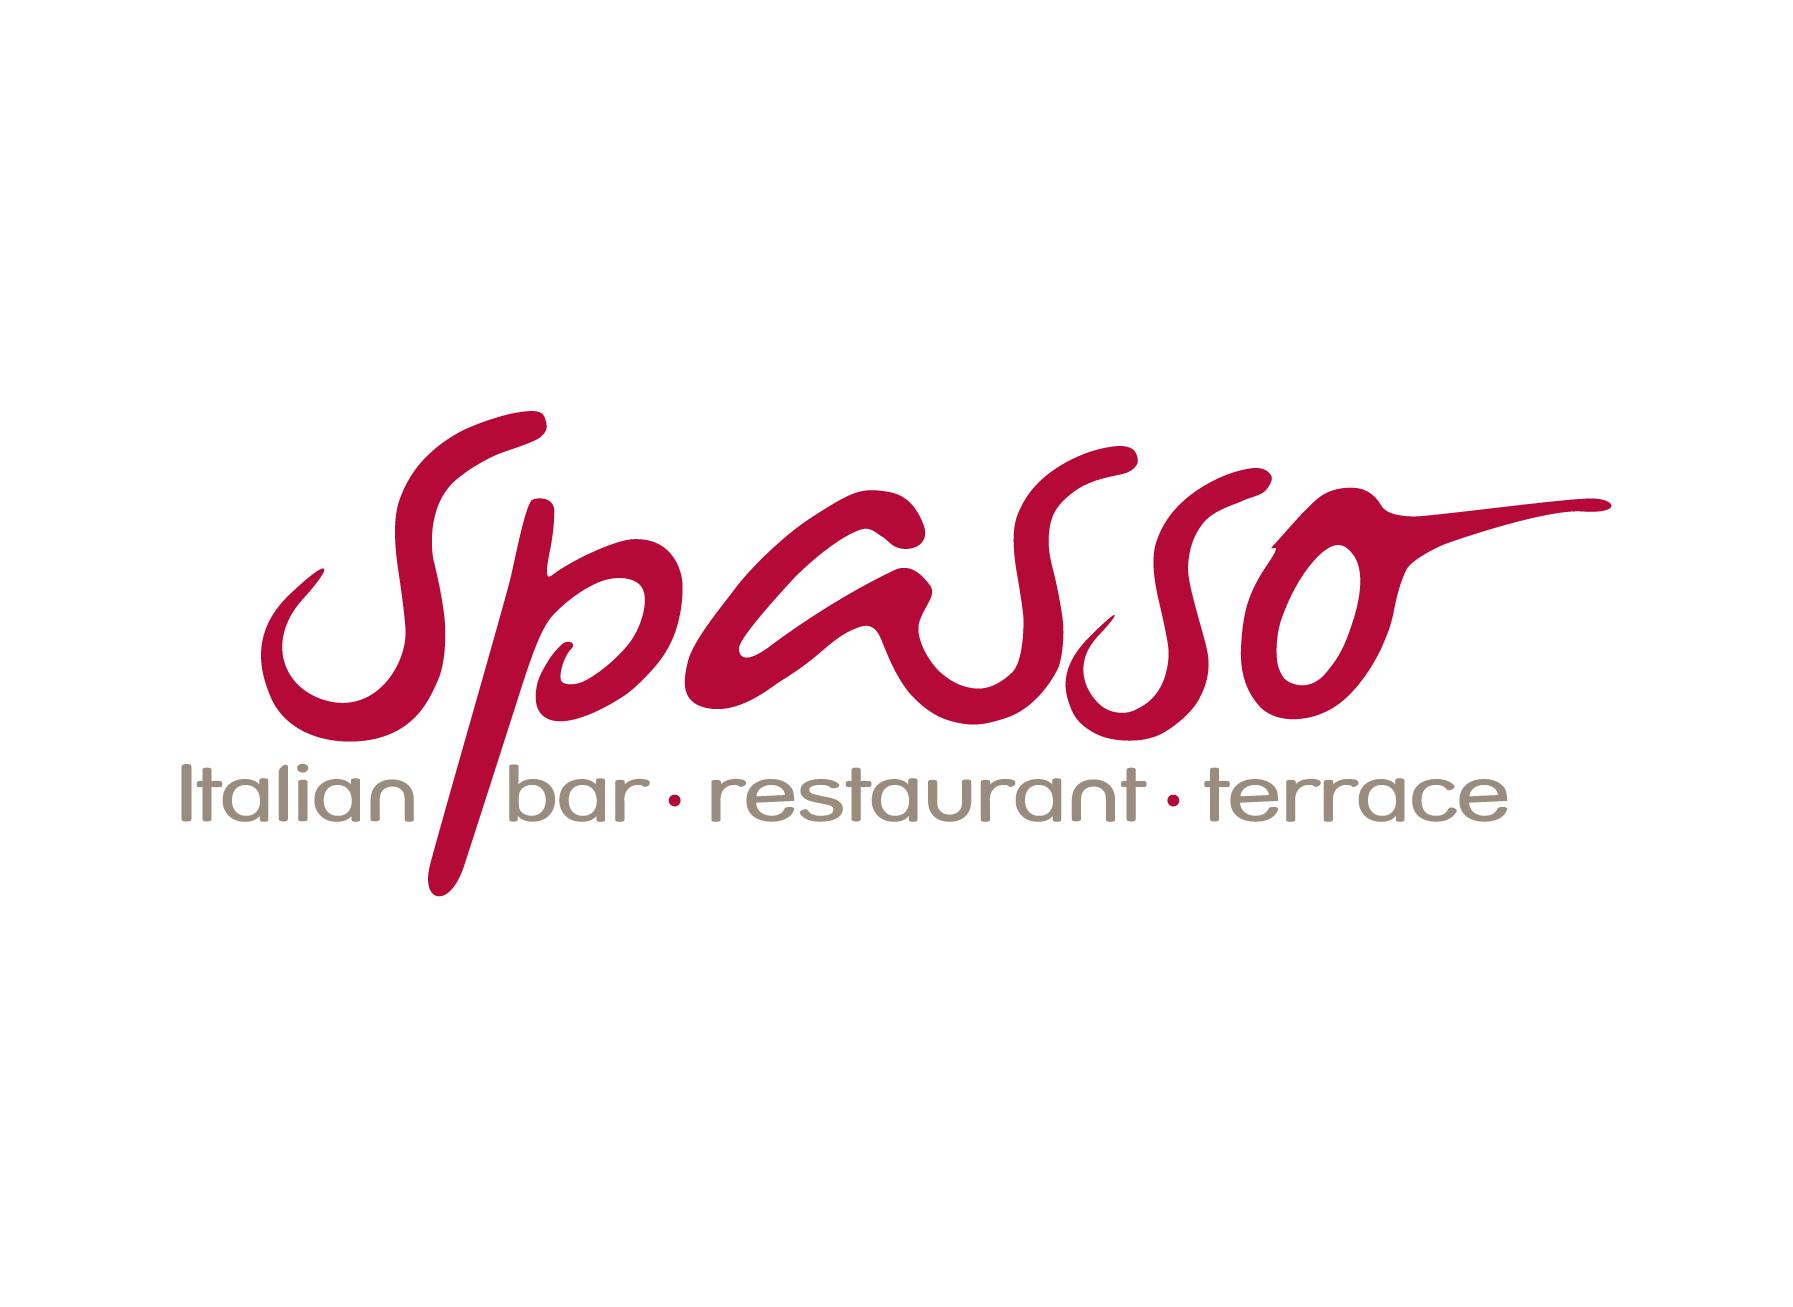 Spasso logo.jpg